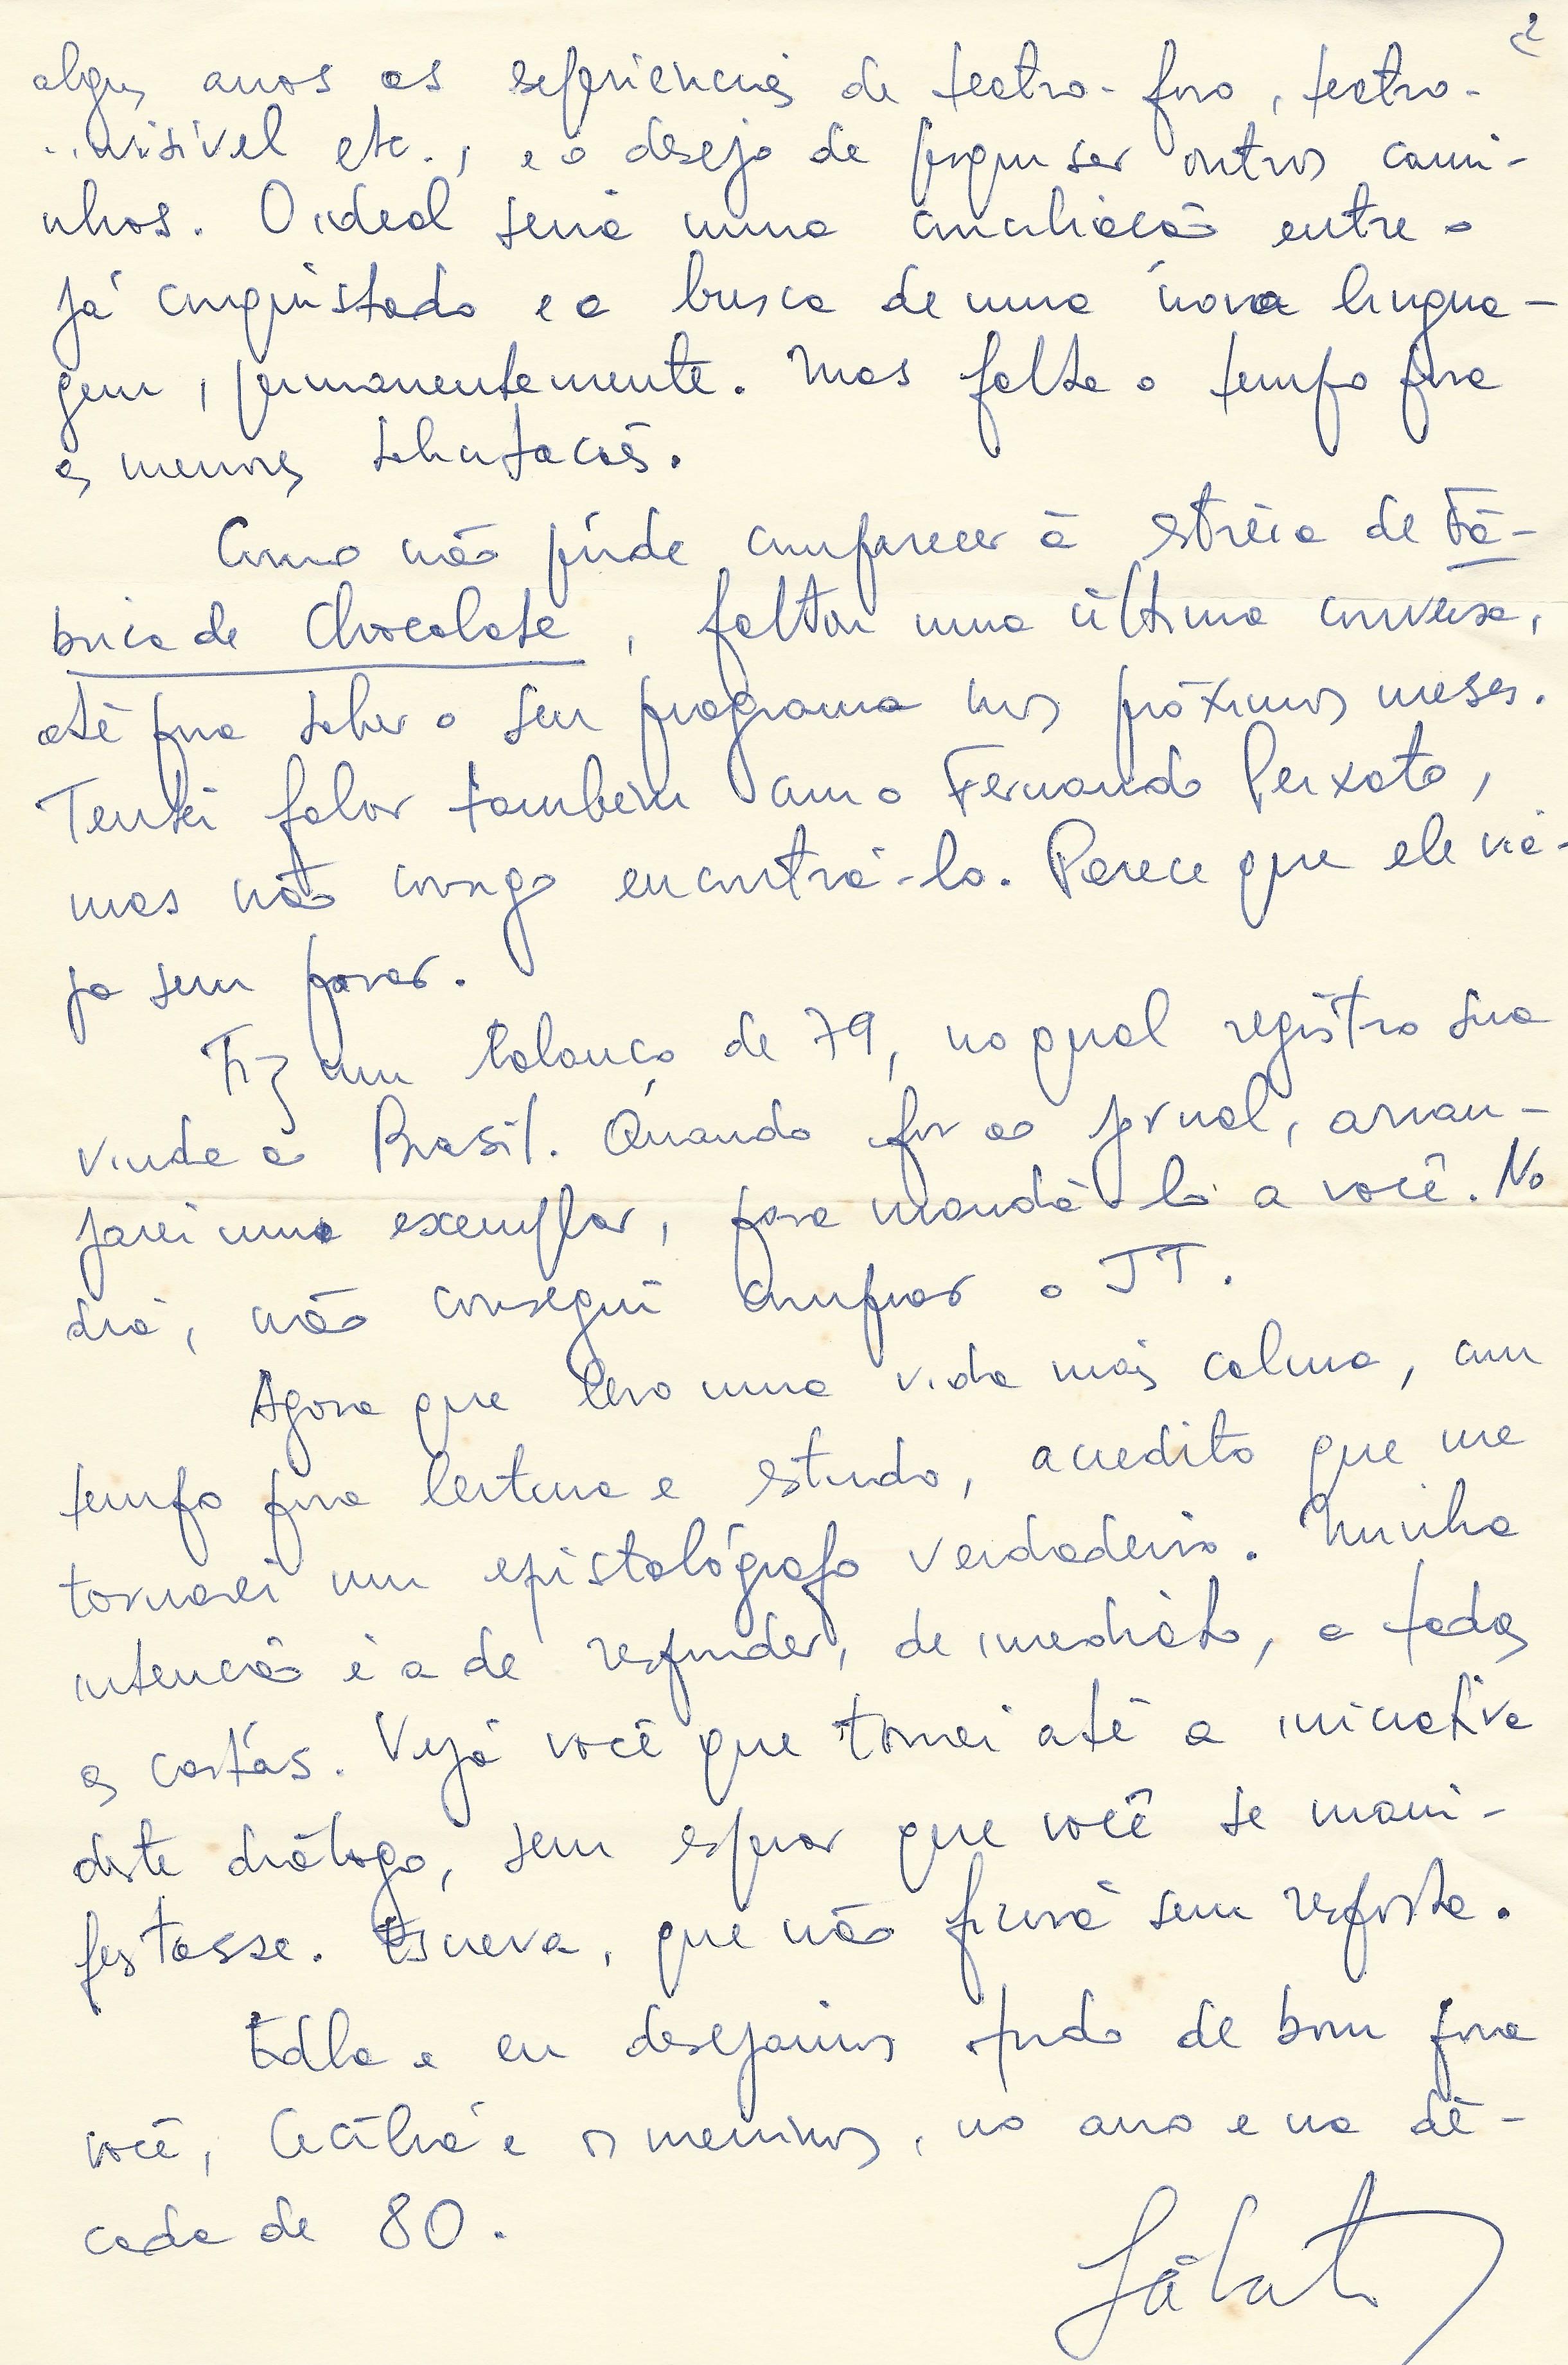 Carta Sábato Magaldi 2